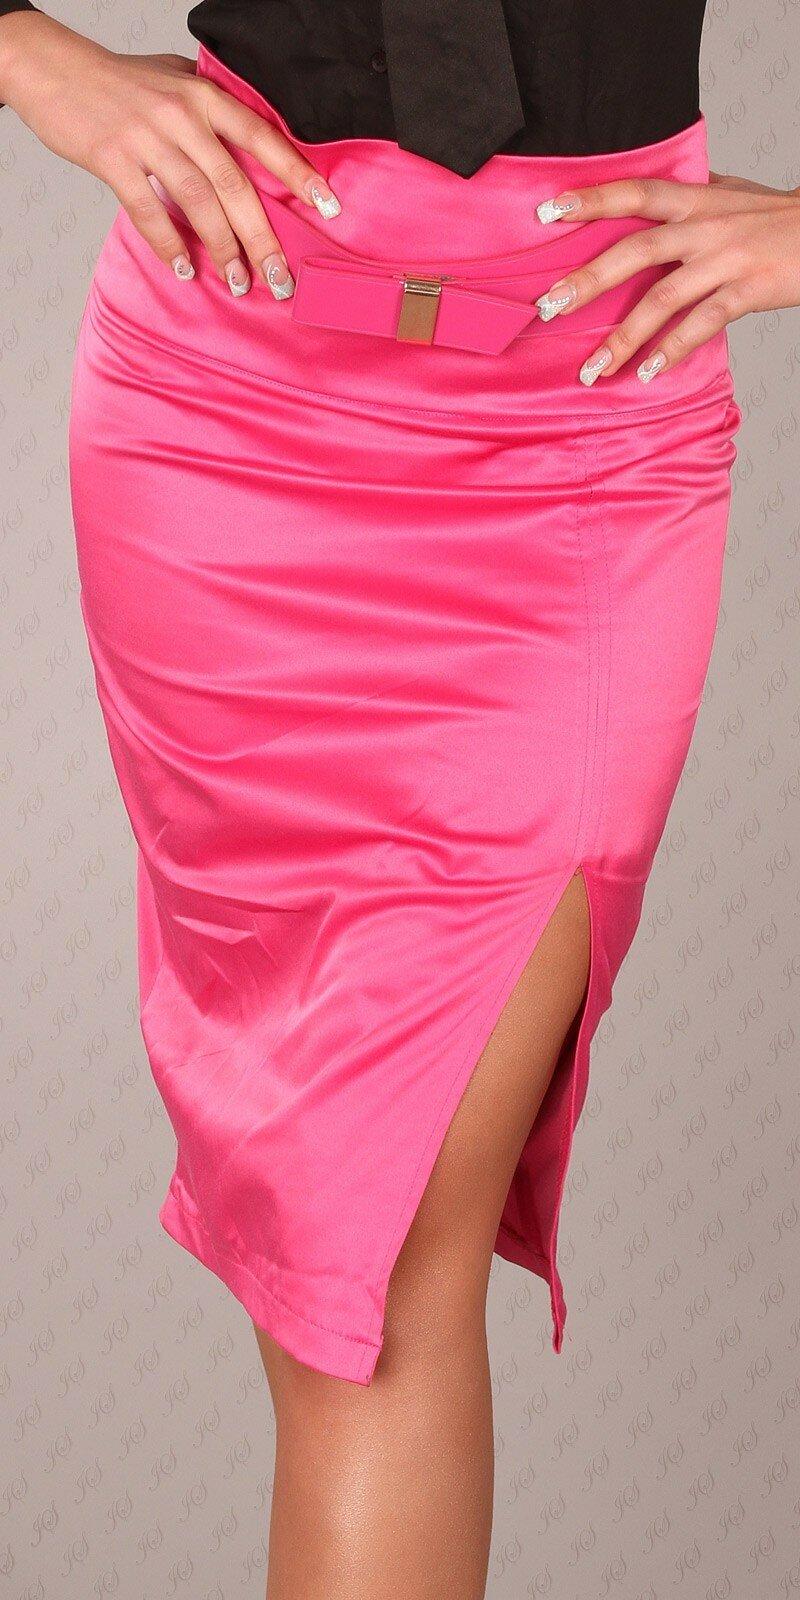 Dámska Štýlová sukňa s opaskom #Veľkosť 40 (L) Farba Ružová